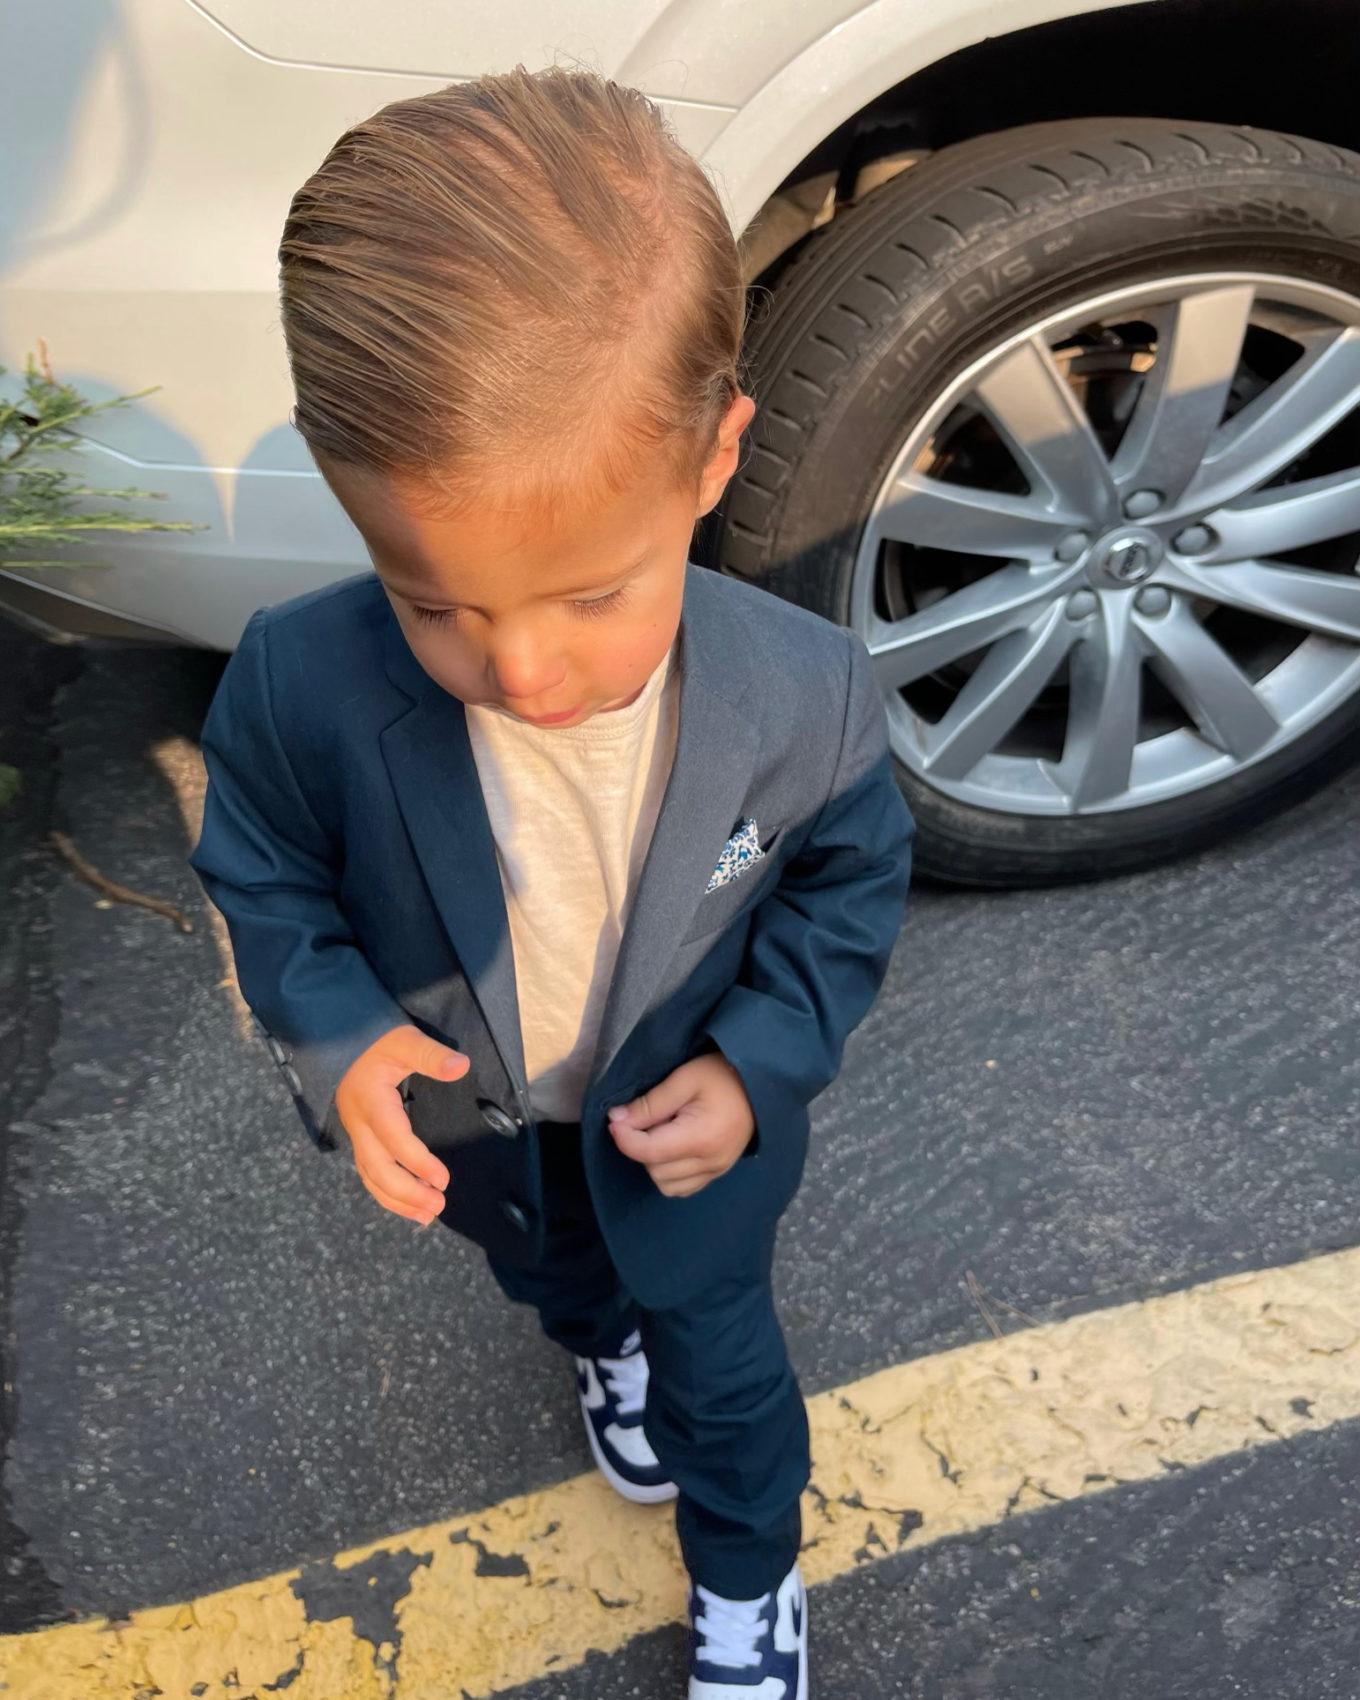 amazon, most-worn, dress suit